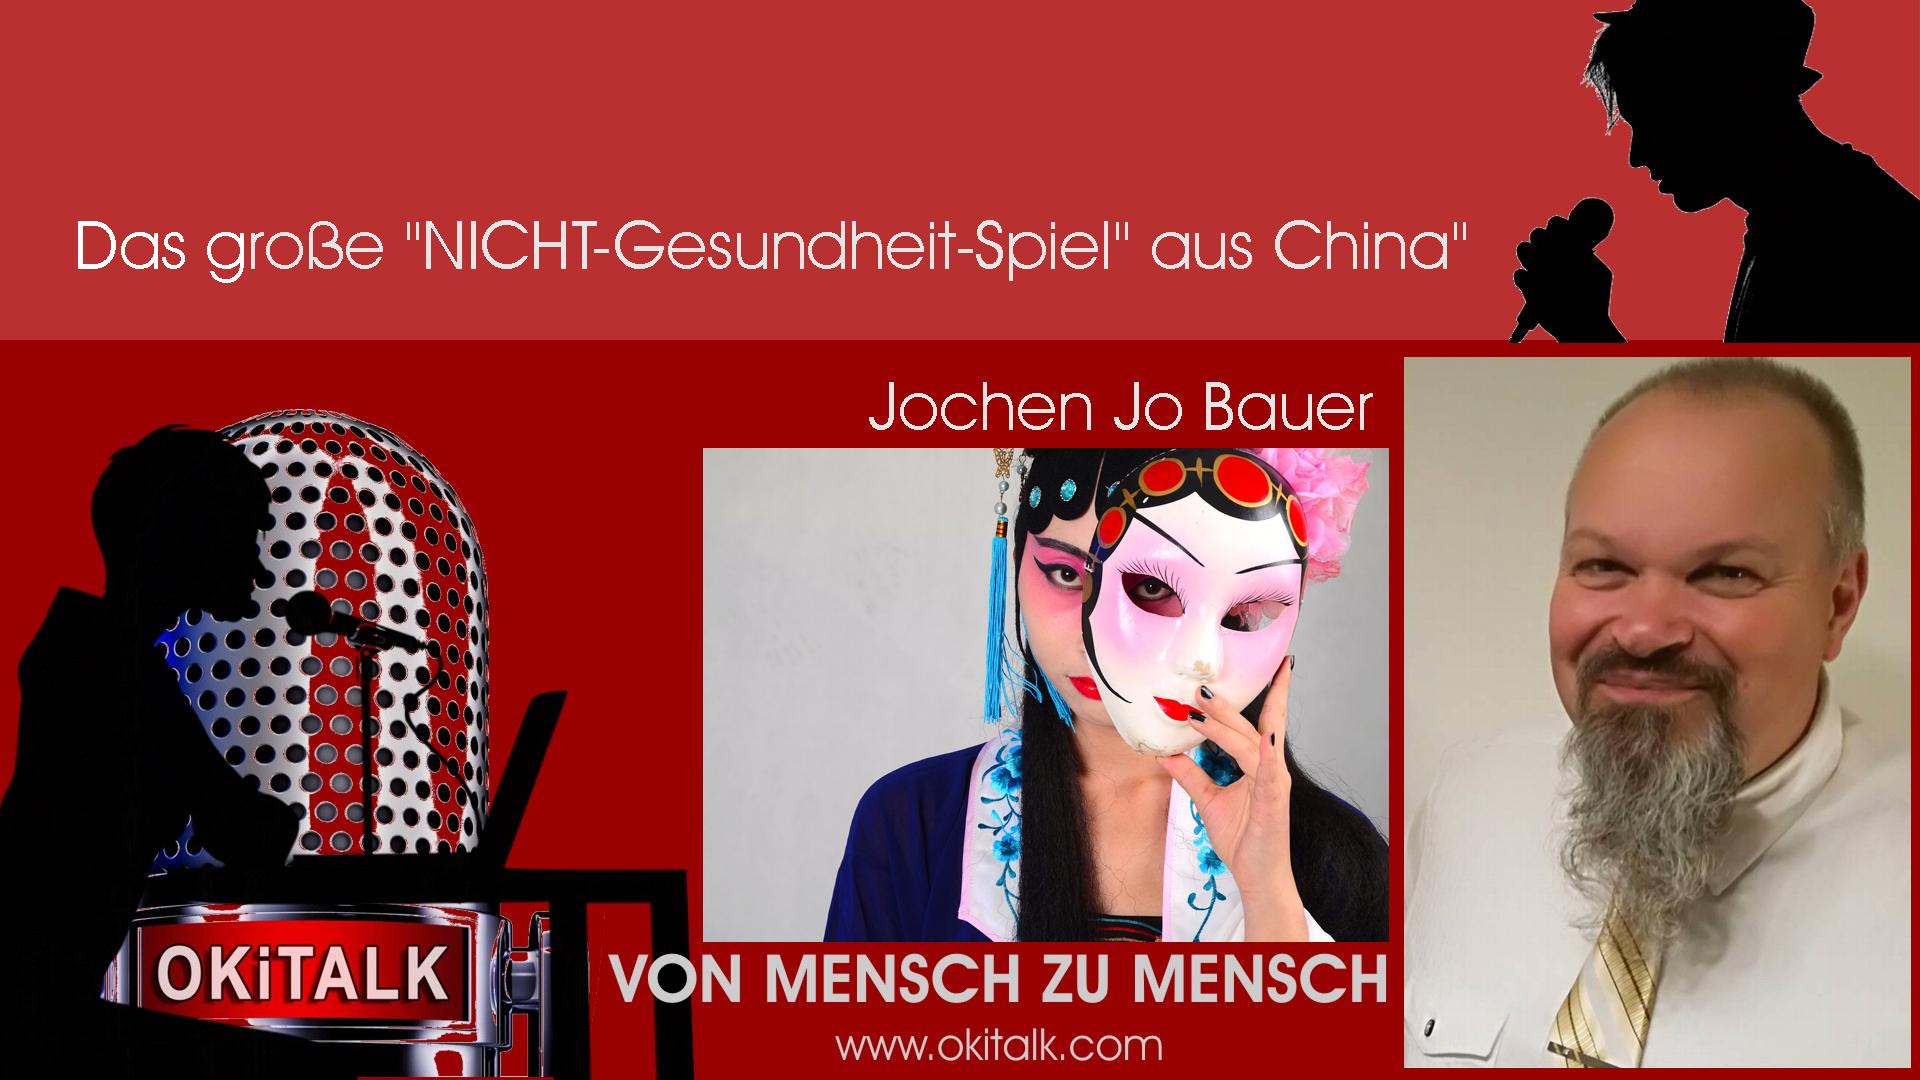 Das große NICHT-Gesundheit-Spiel aus China - Streamingvideo (Jochen Jo Bauer)